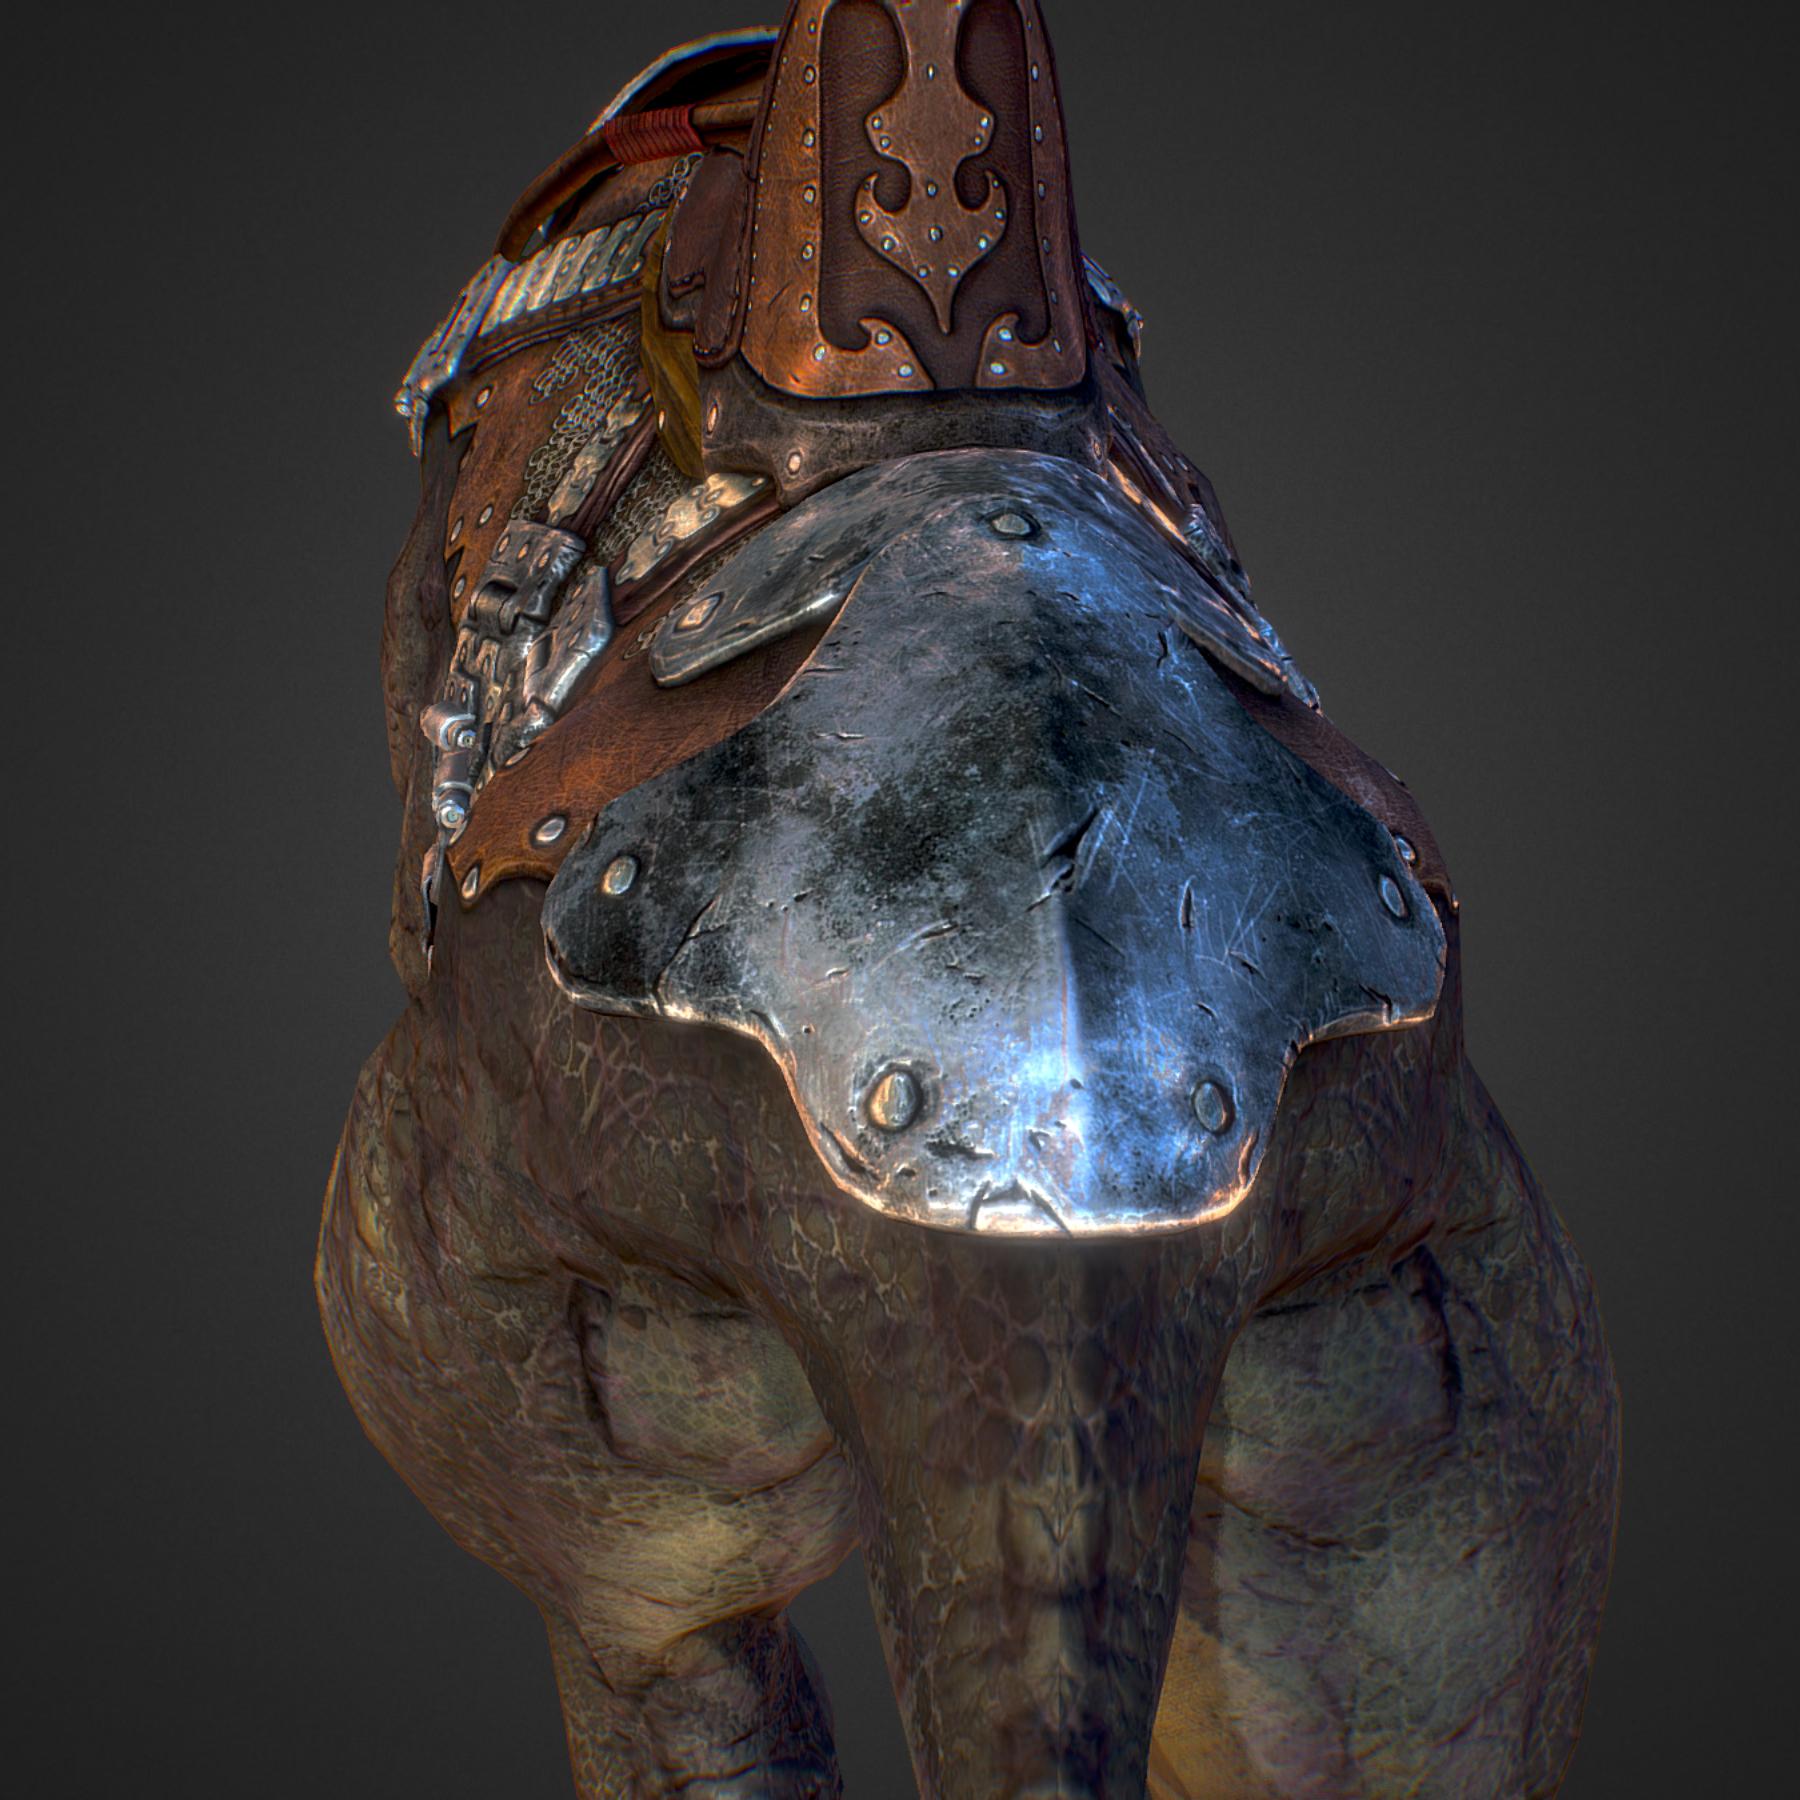 creature mount mastodont 3d model max  fbx ma mb obj 272421